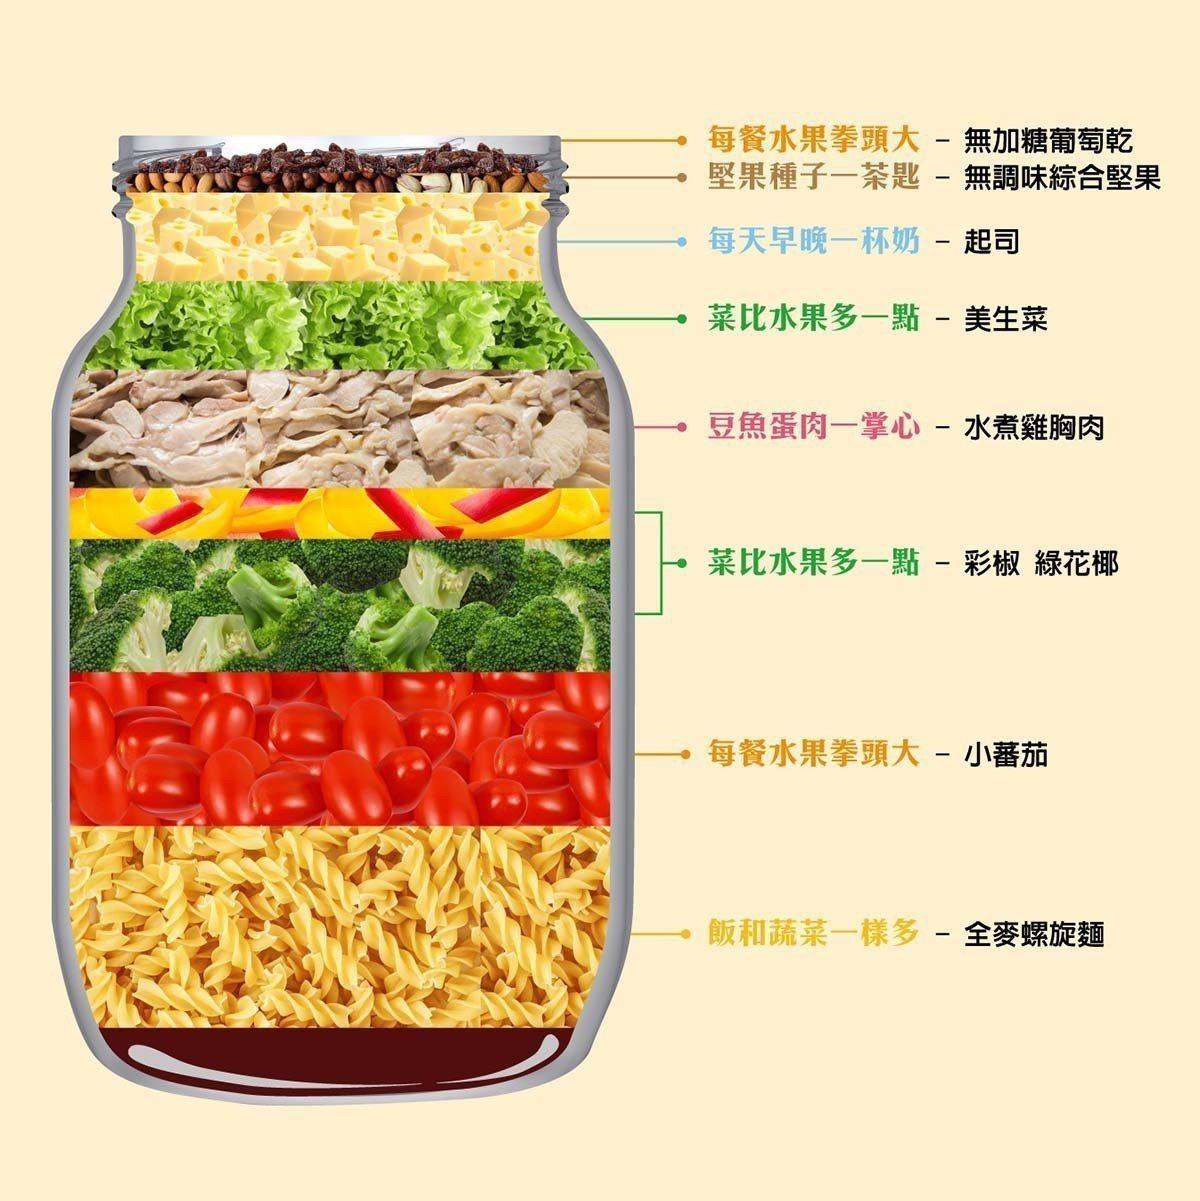 營養滿分沙拉罐DIY示意圖。 圖/國健署 提供